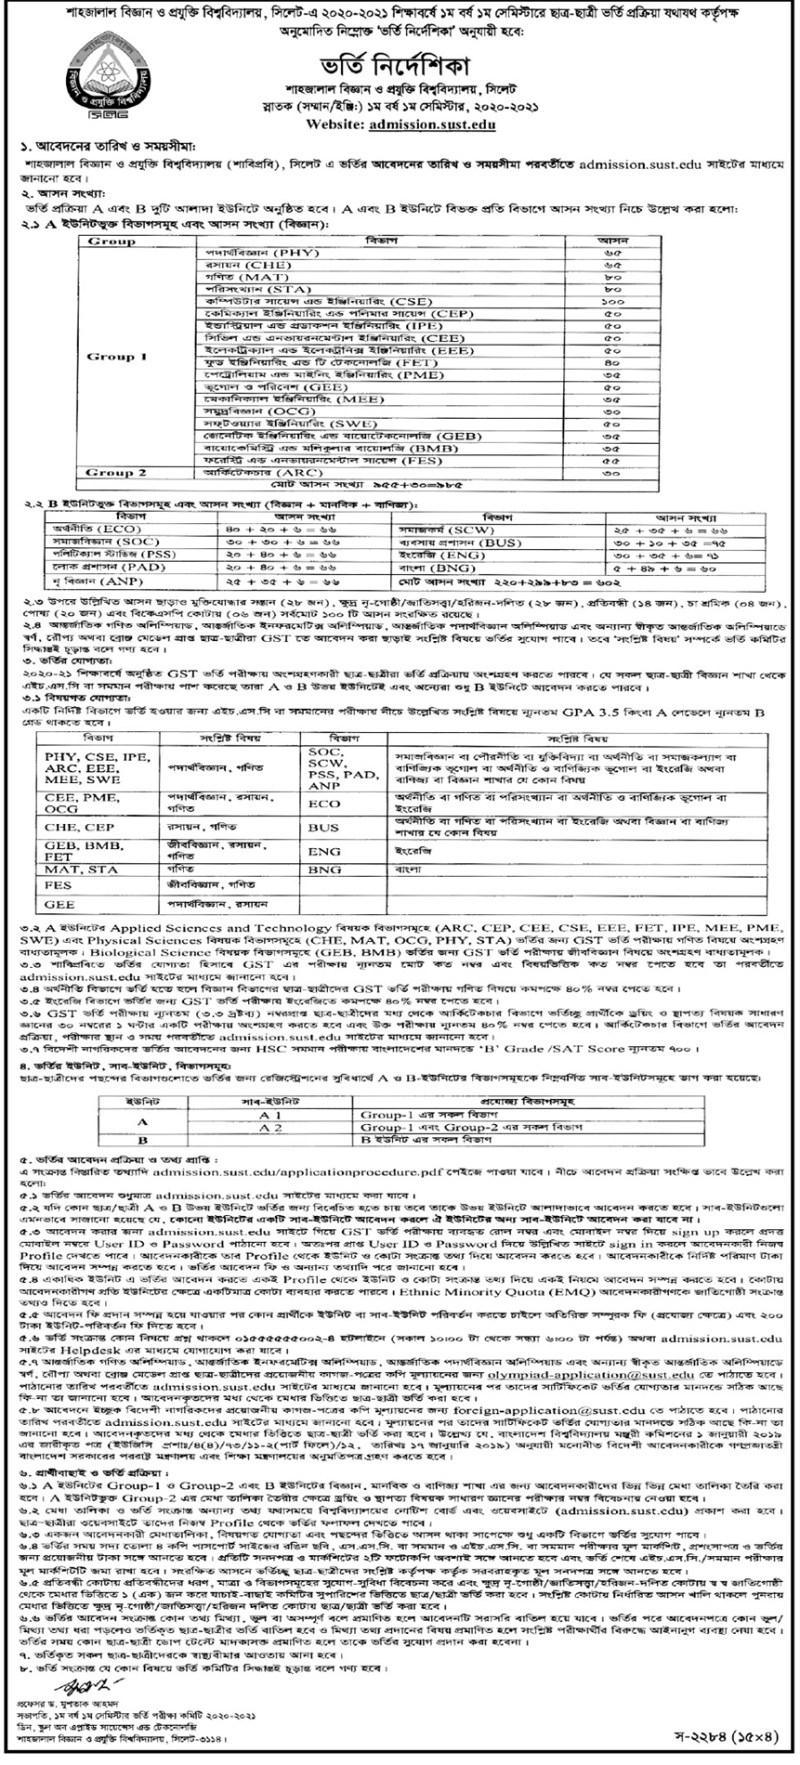 Shahjalal University Admission Guideline 2020-21